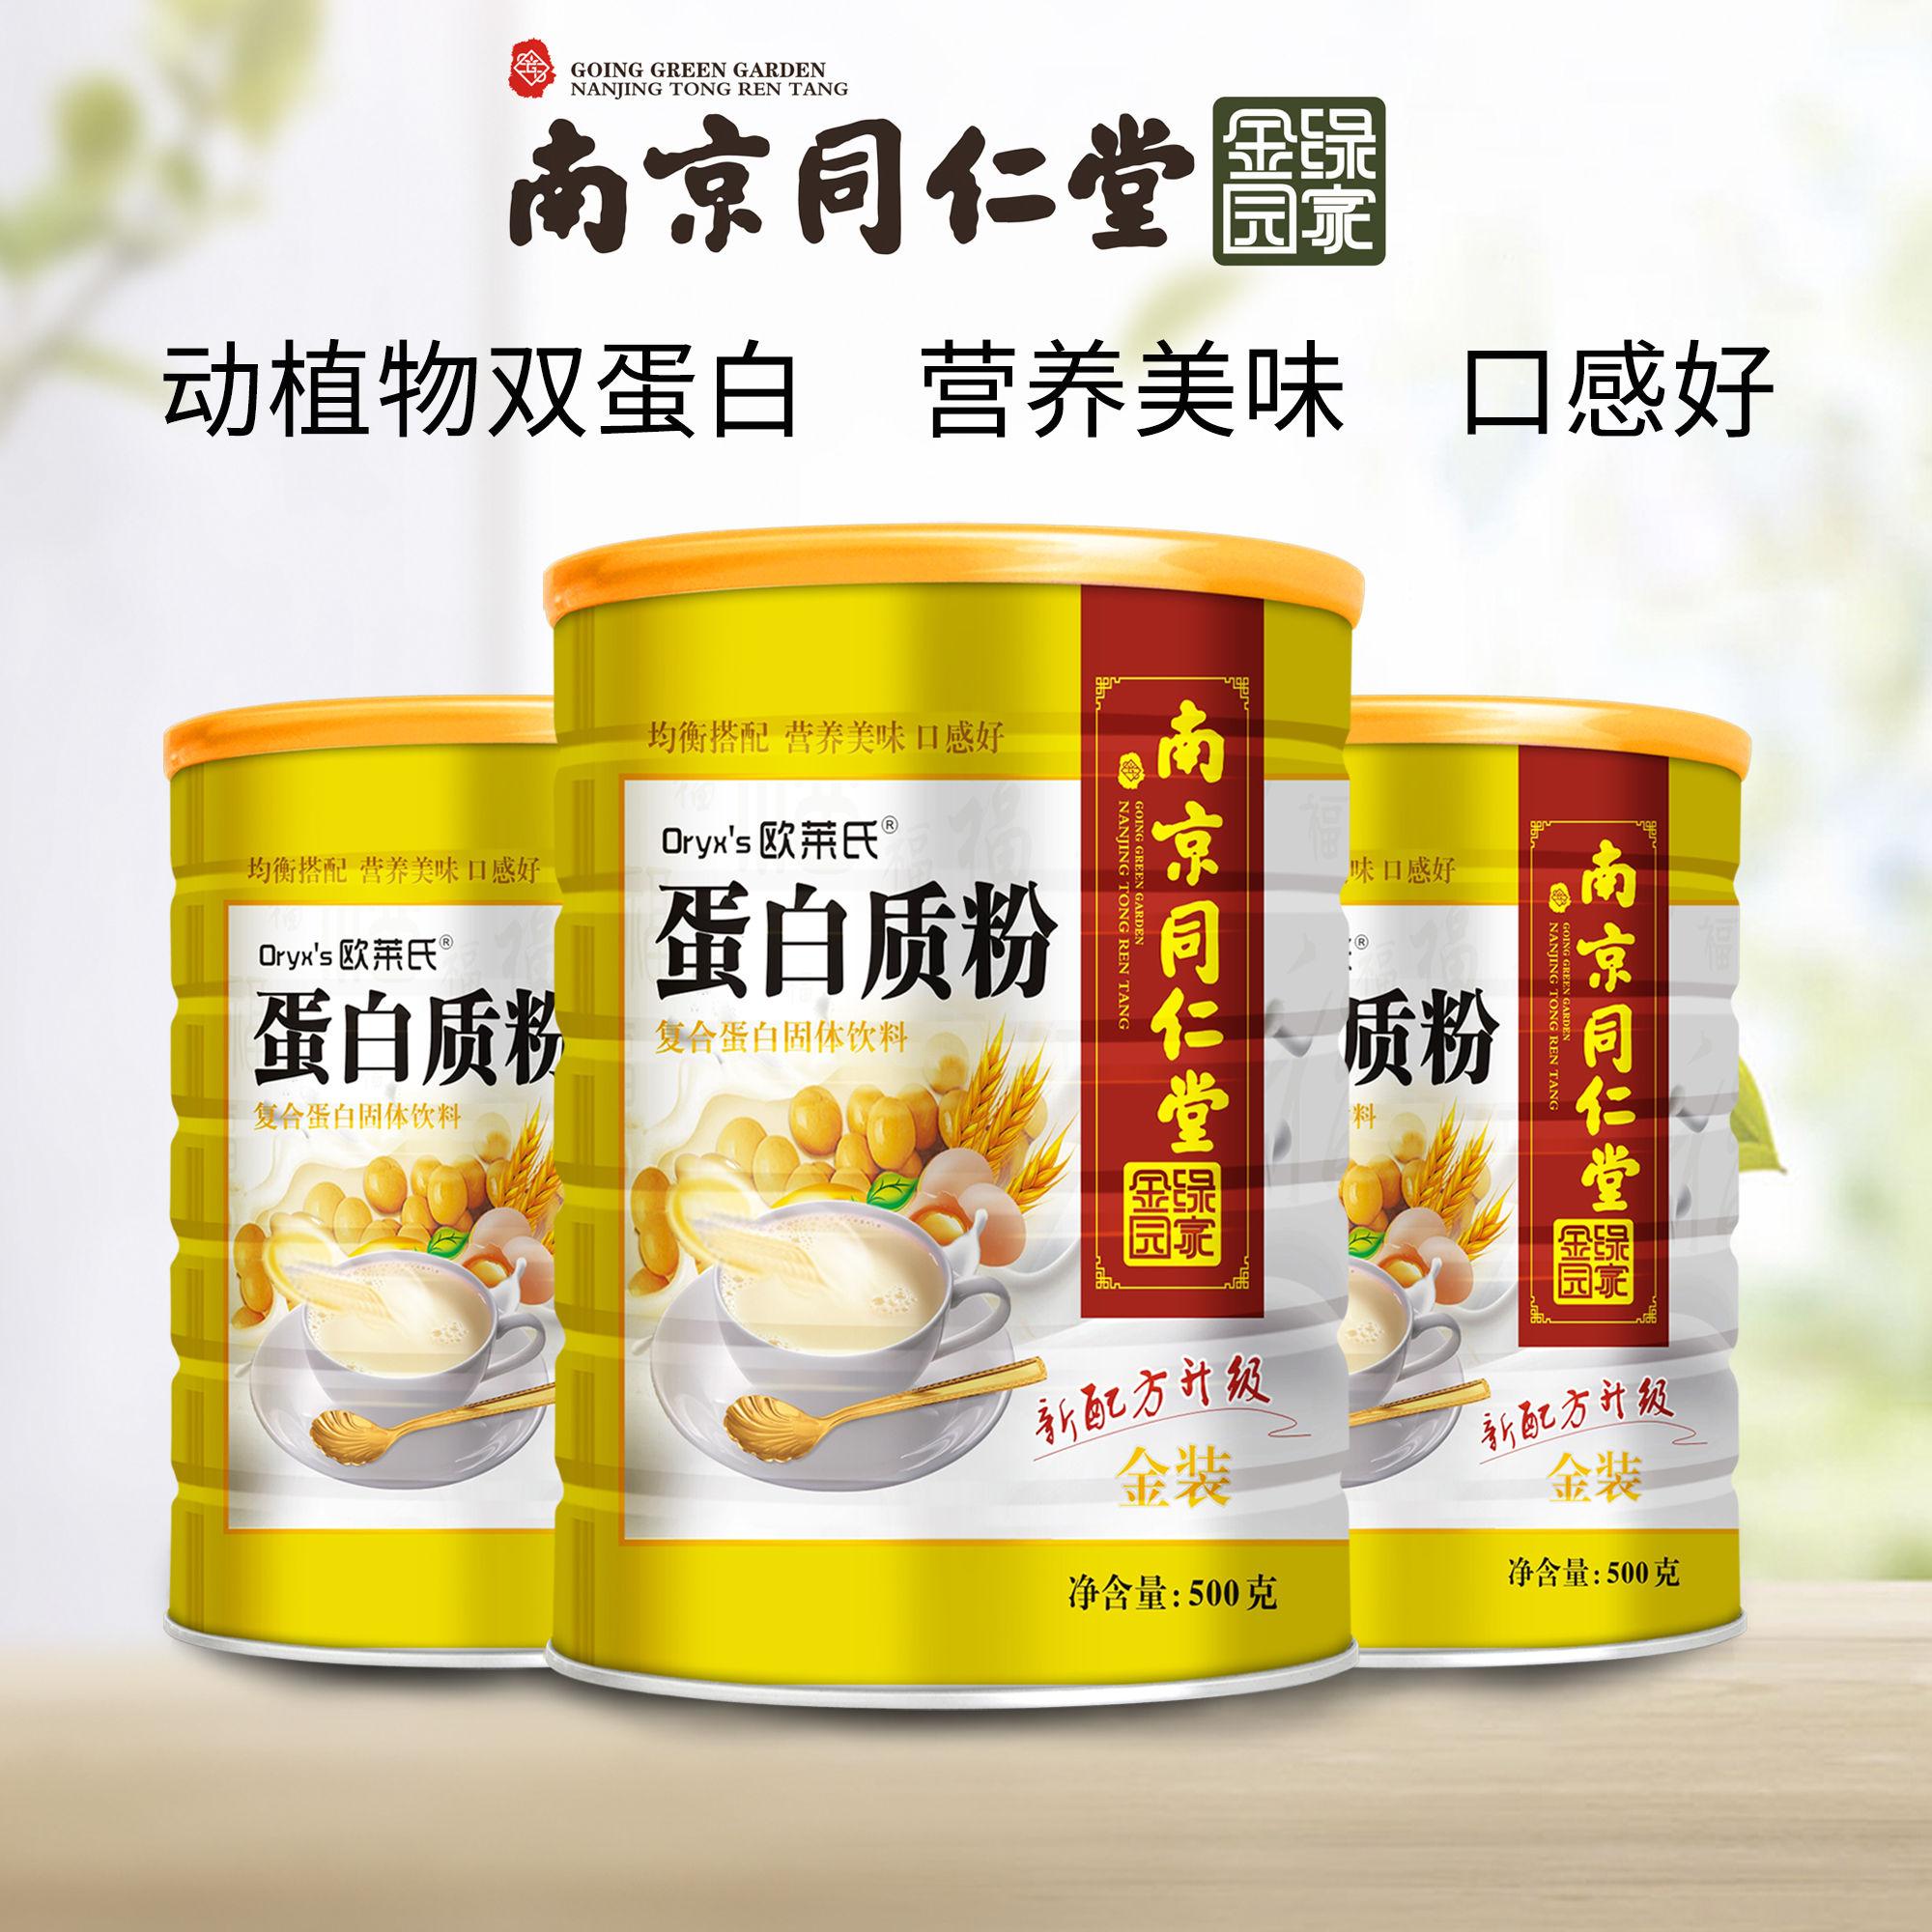 南京同仁堂蛋白质粉乳清植物中老年人儿童免疫力高营养品代餐粉